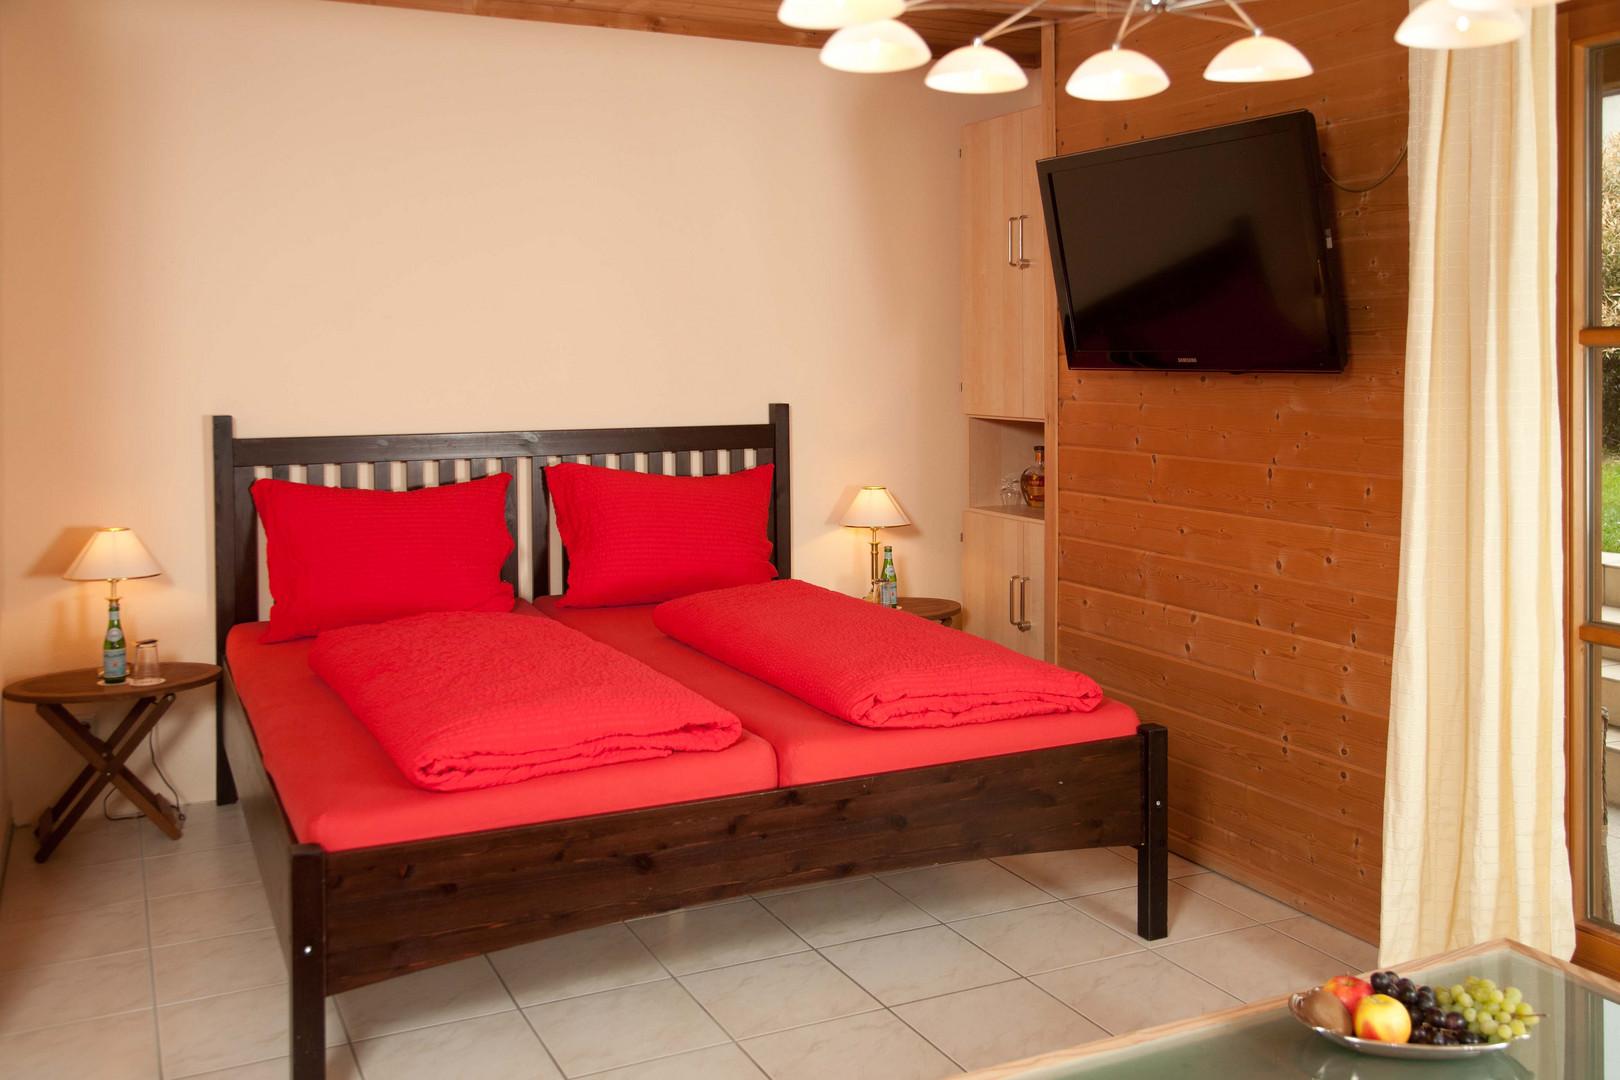 Schlafzimmer Ferienwohnung: Luxus in Mollenberg erleben, nähe Lindau am Bodensee